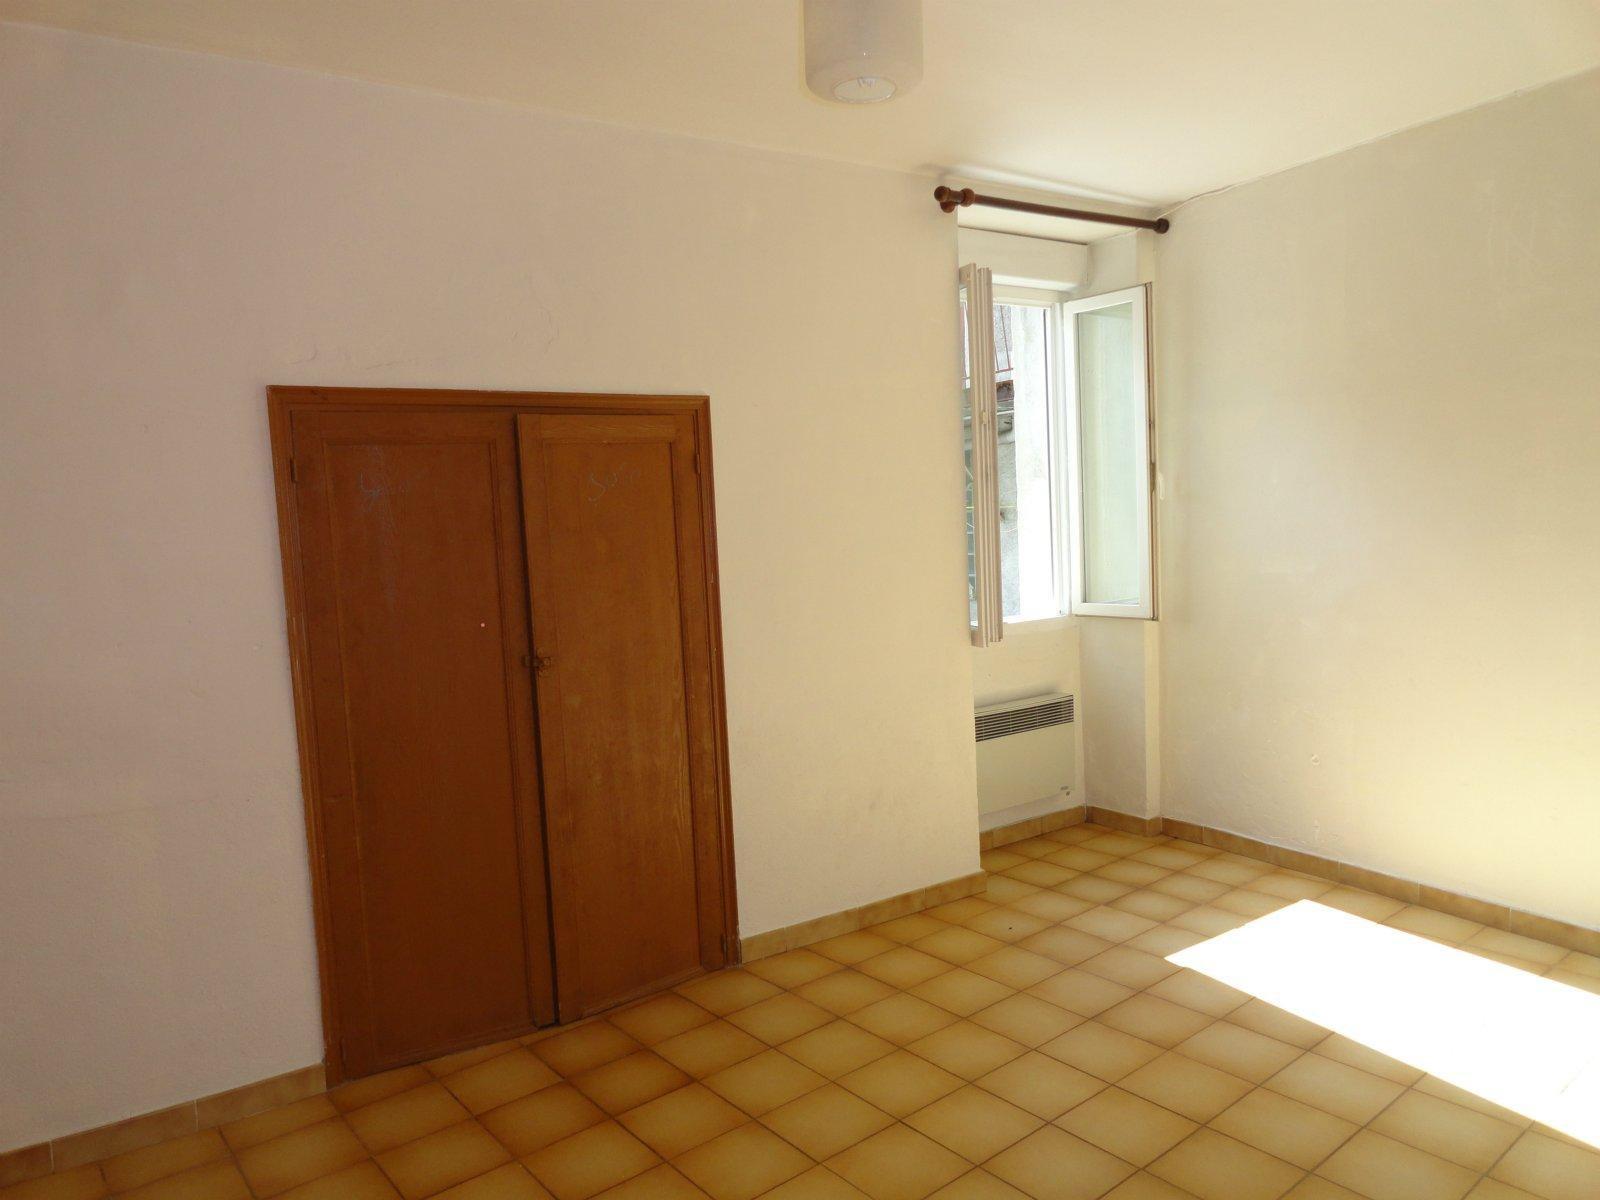 Appartement T3 avec cour